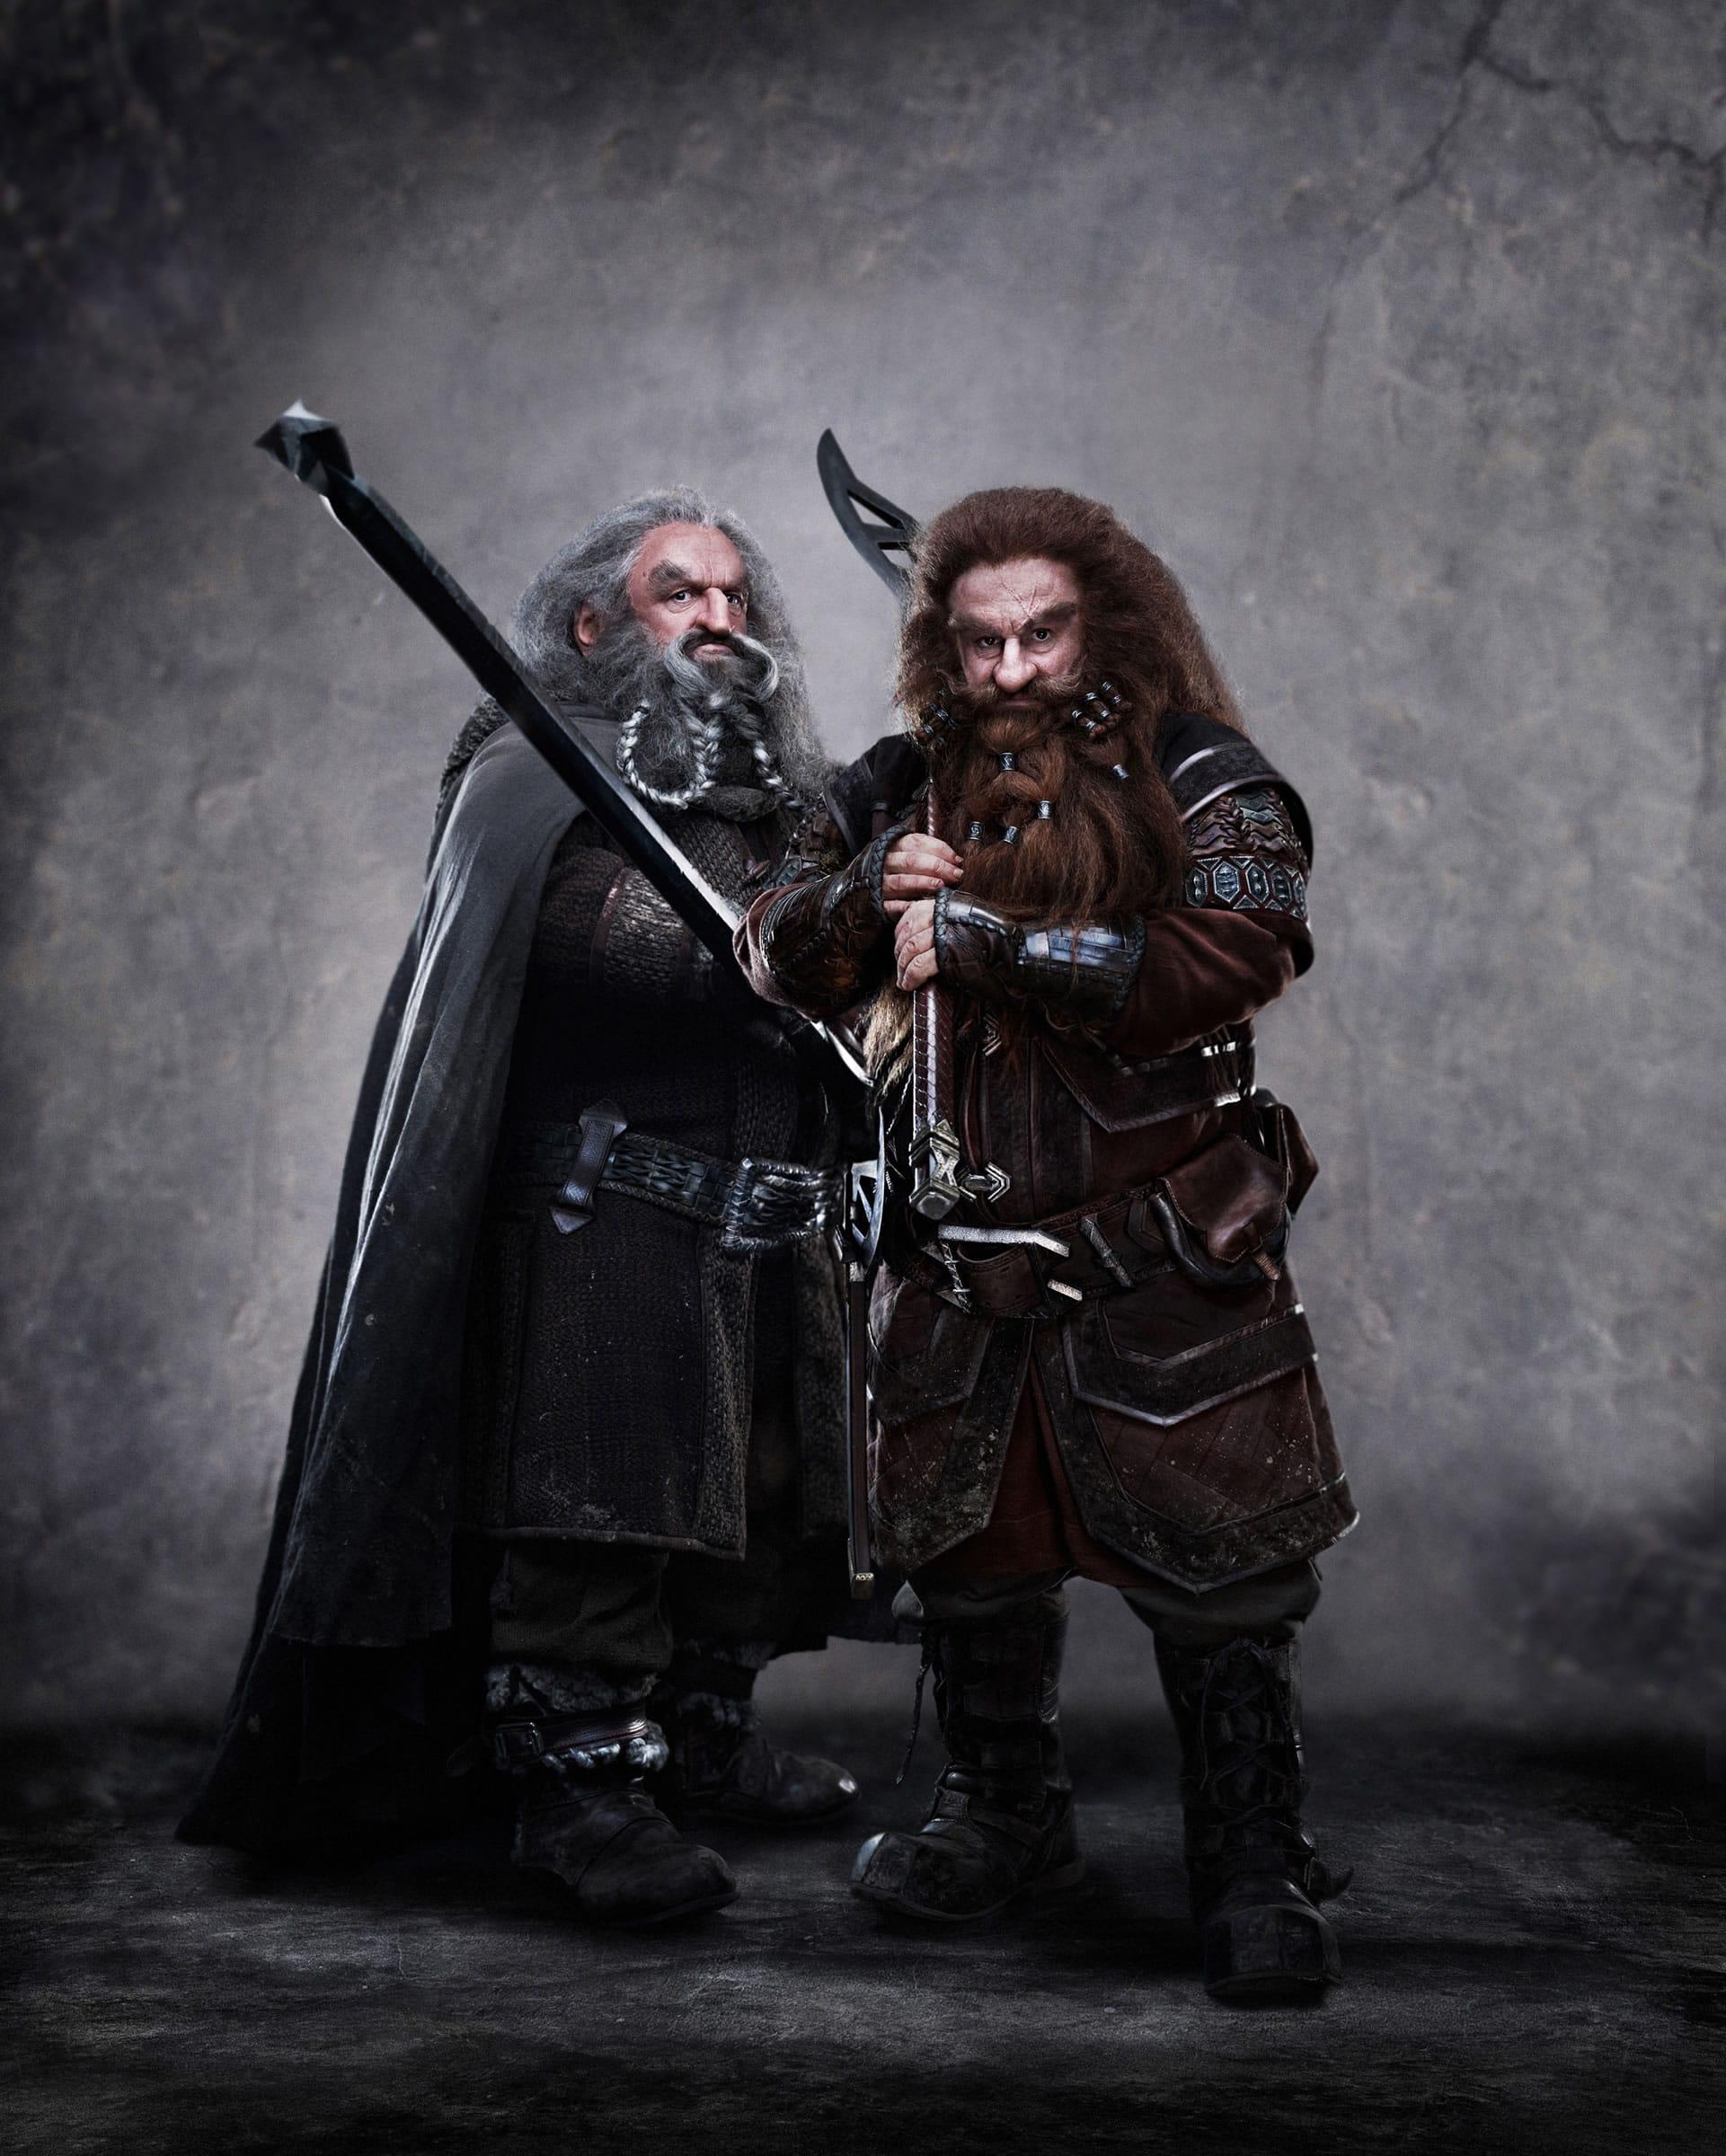 The-Hobbit-Bilbo-Le-Hobbit-1ère-Partie-Official-Photo-08